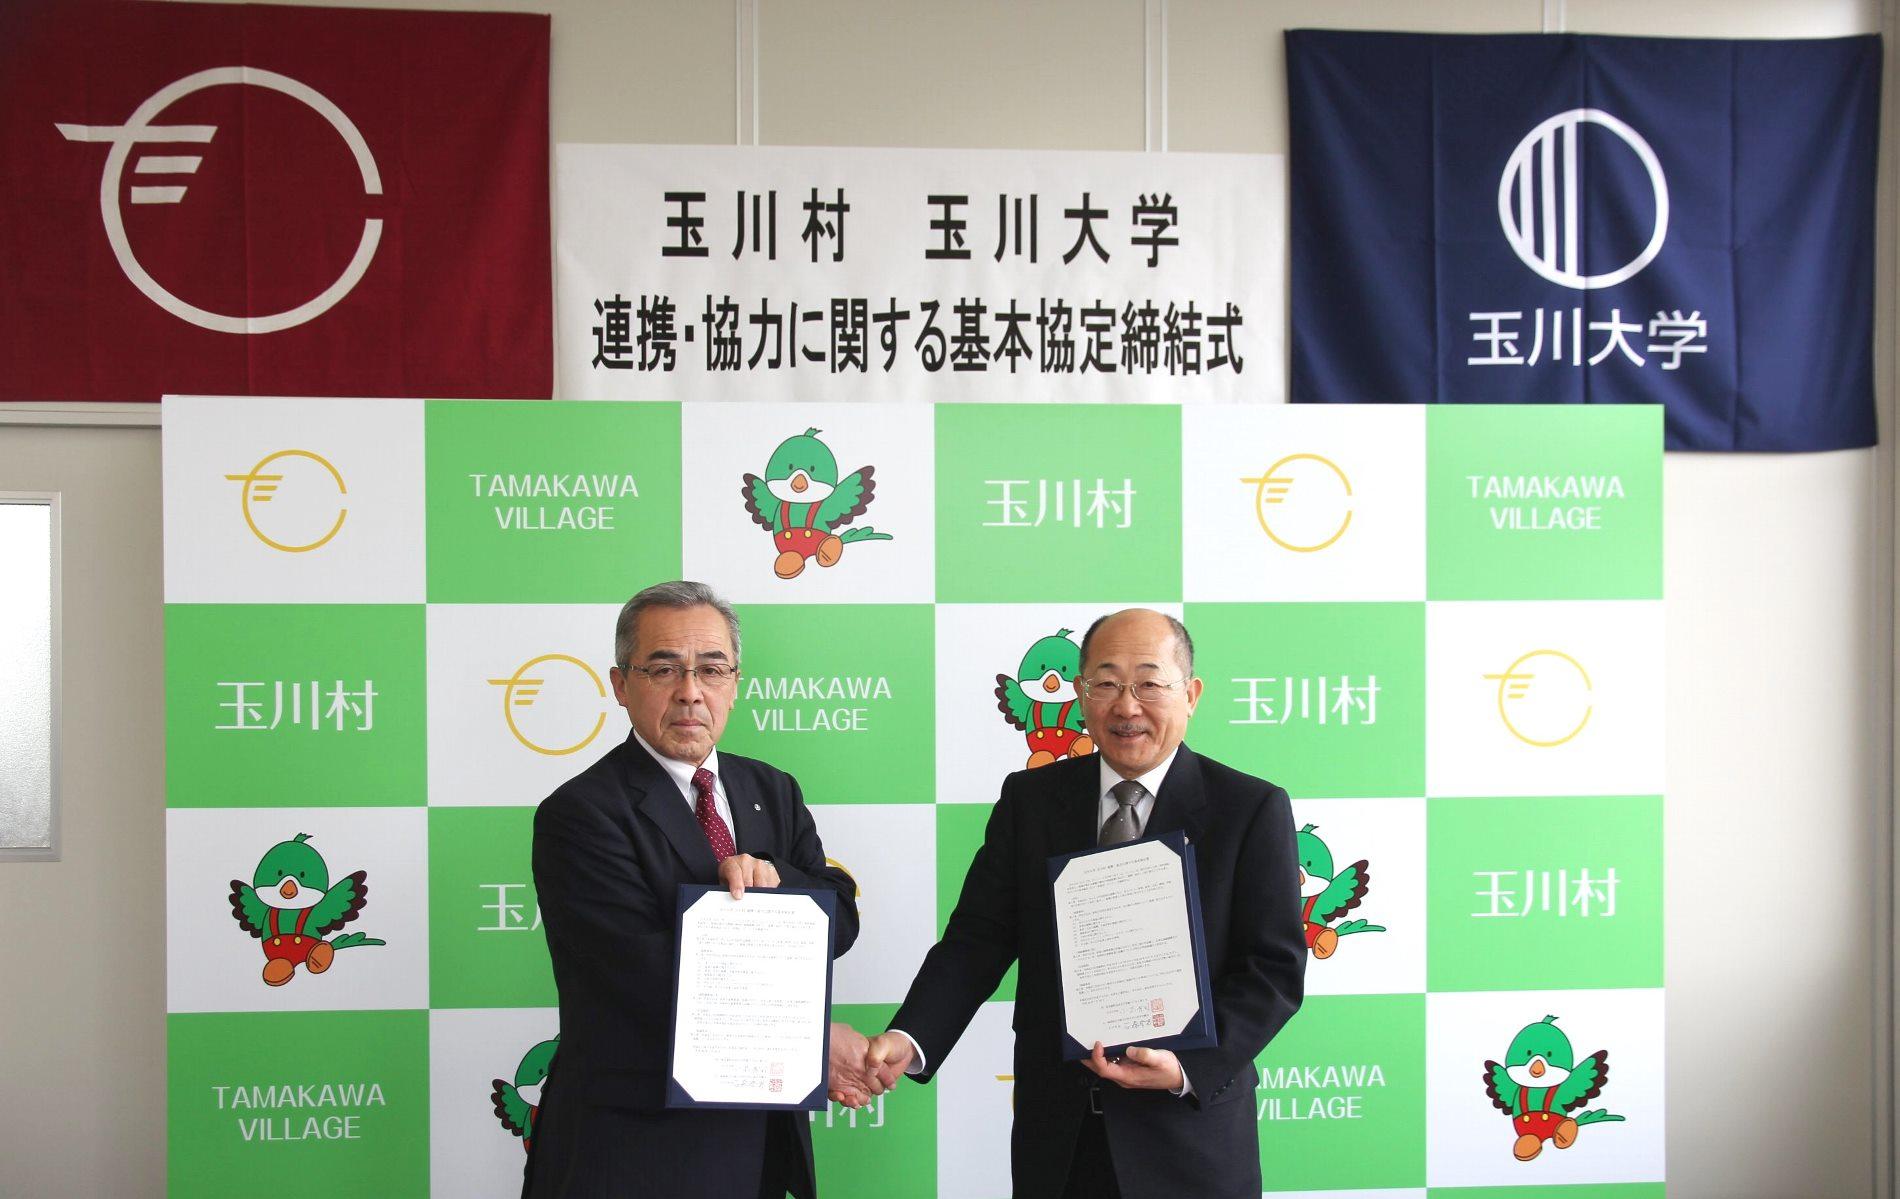 玉川大学と福島県玉川村が包括連携の協定を締結 「玉川」という名称の共通点も連携の理由の一つ -- 産業、教育、文化、環境、学術等の分野において相互に協力